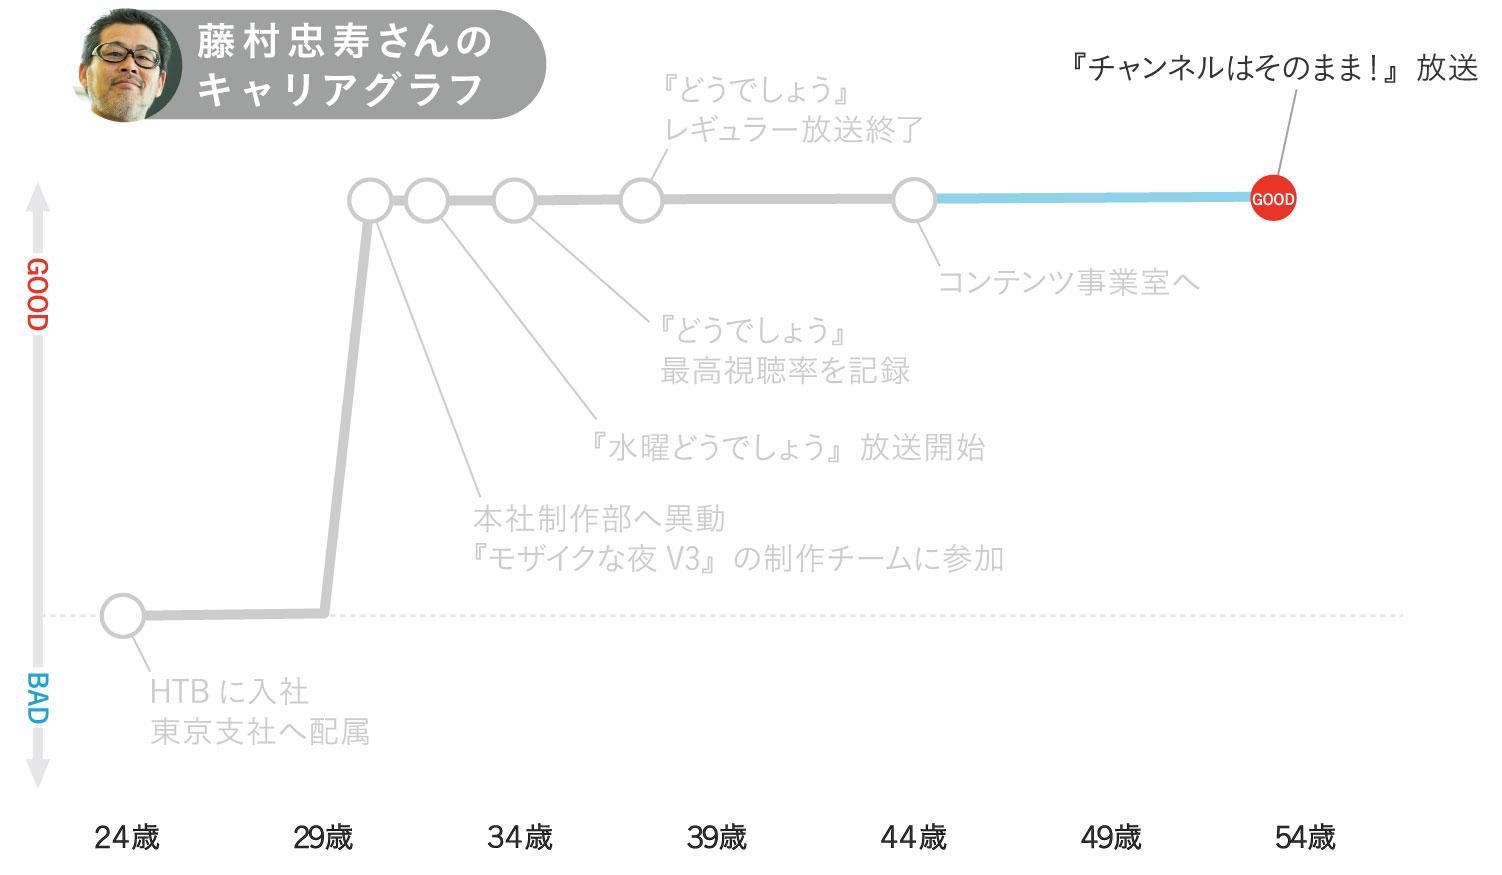 藤村忠寿さんのキャリアグラフ6